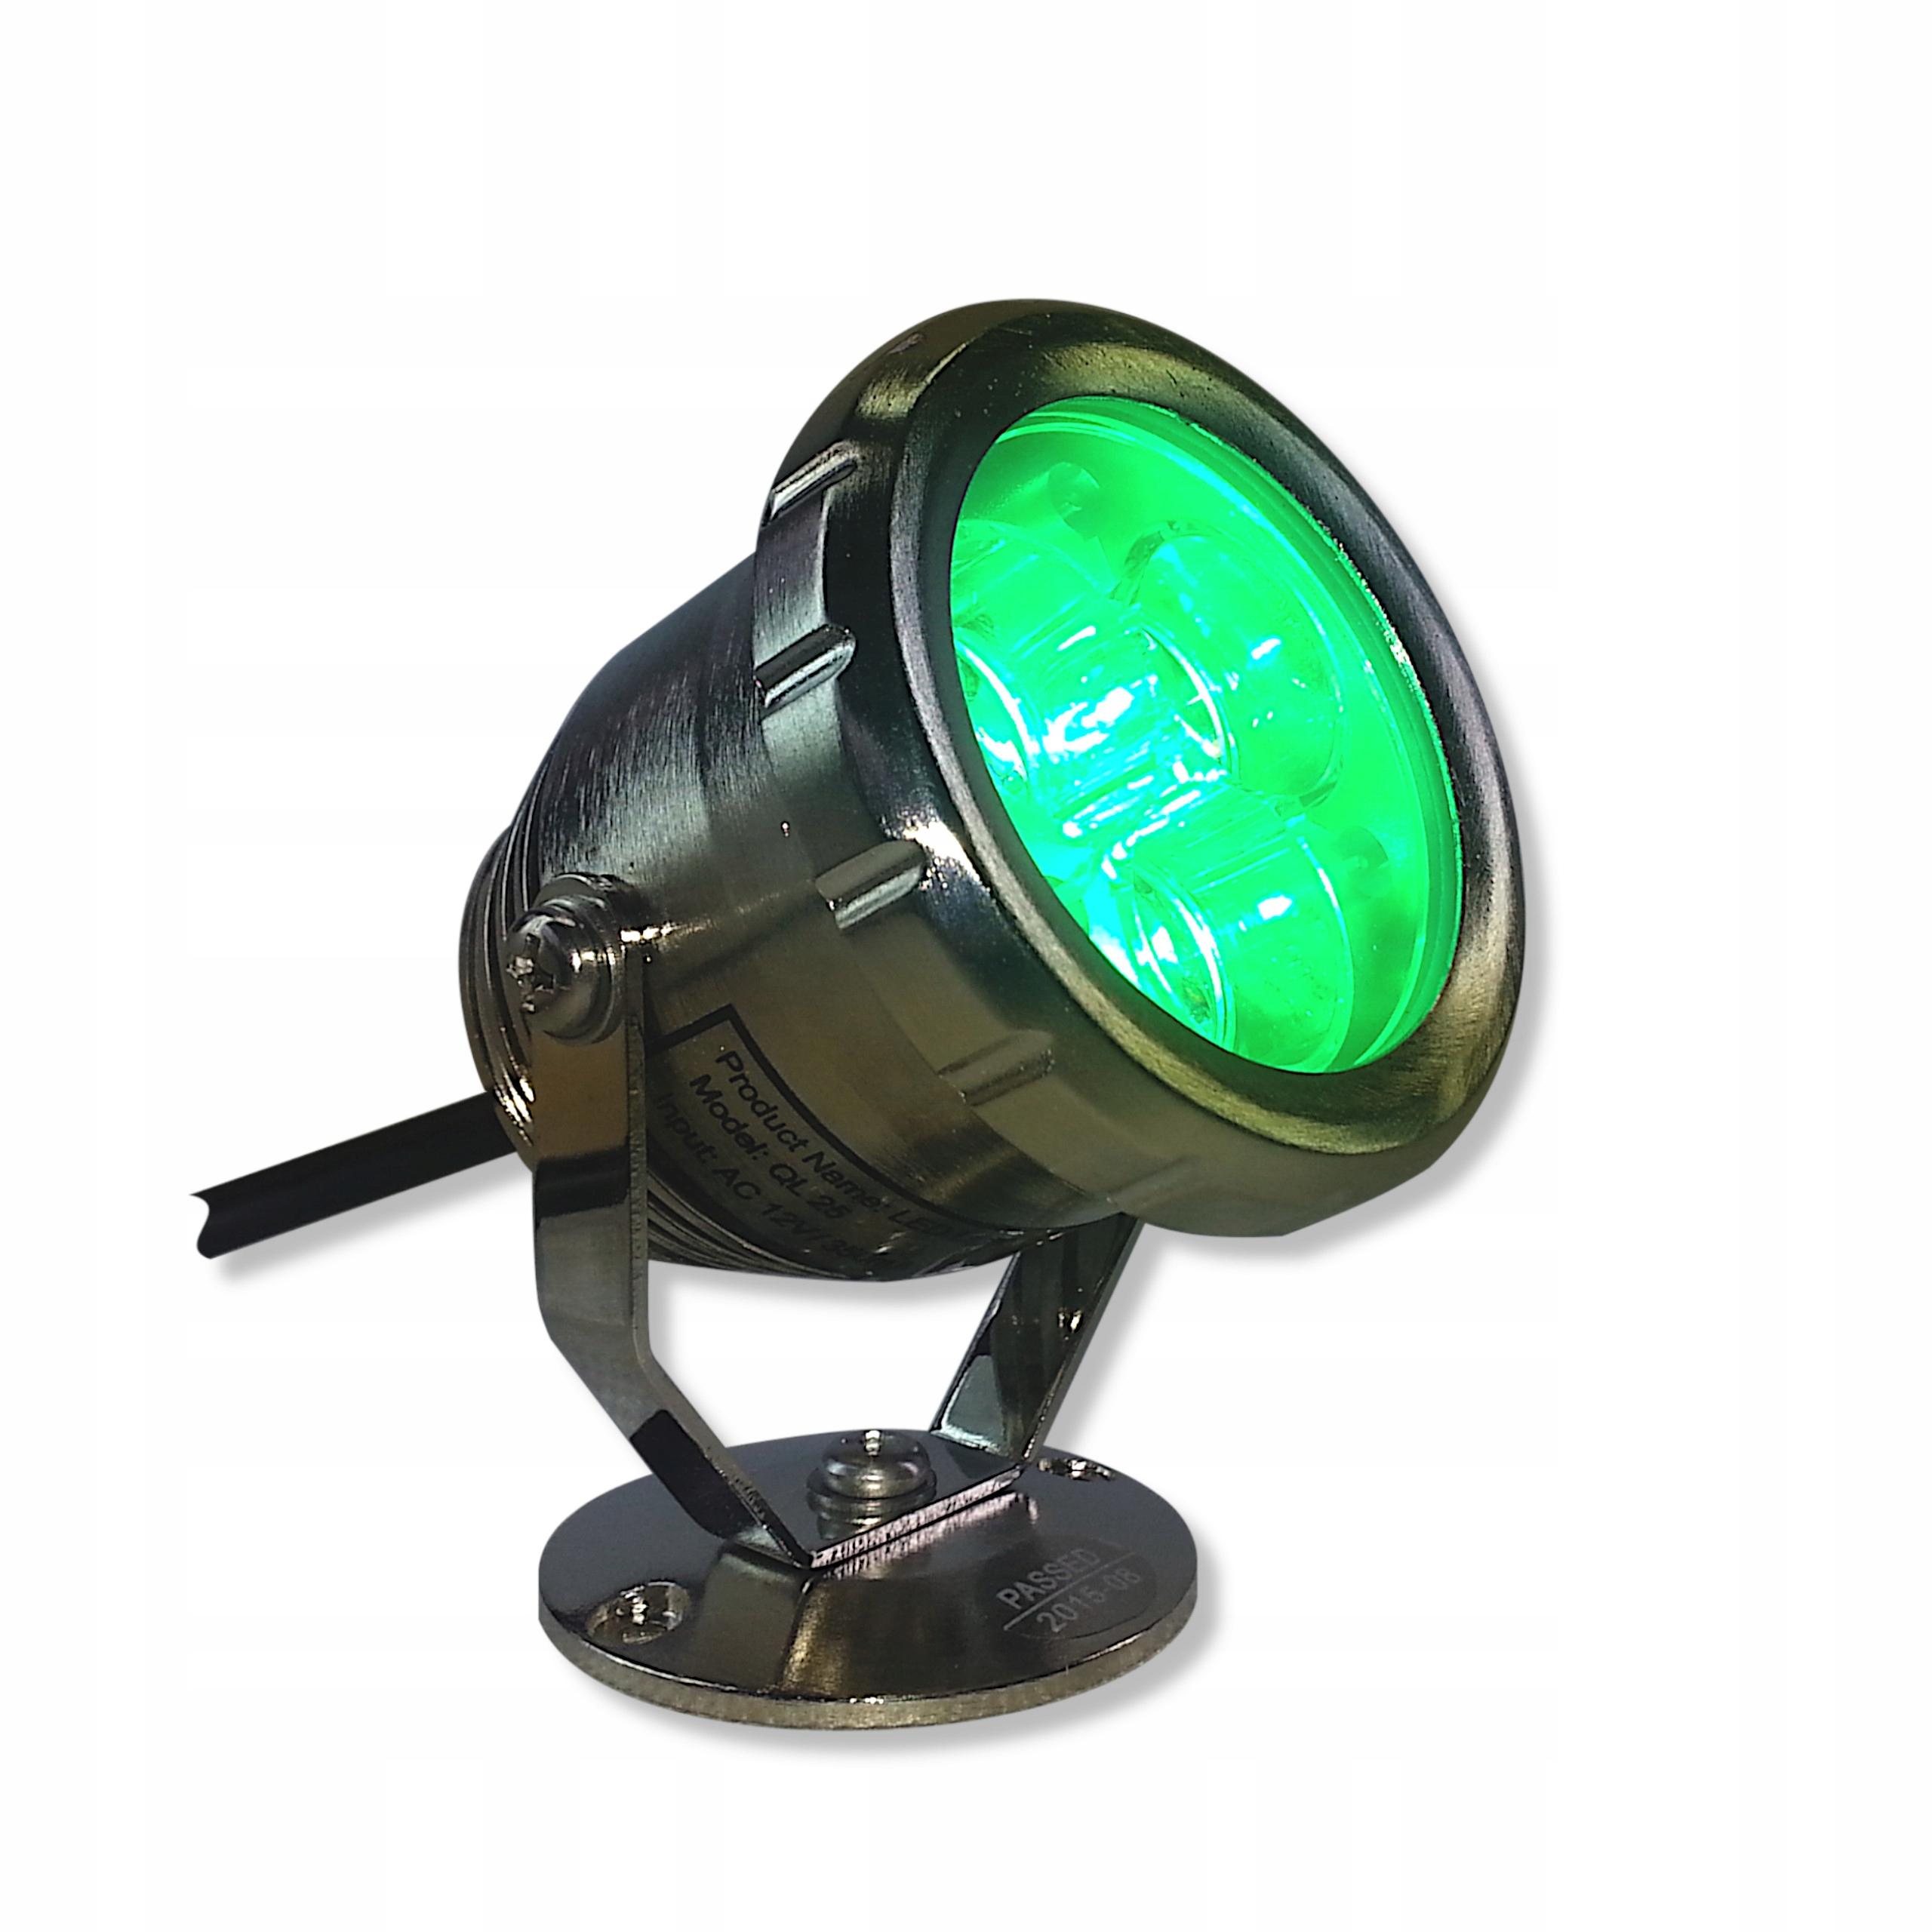 LAMPA LED - REFLEKTOR ZE STALI -QL 25 3W ŻÓŁTY